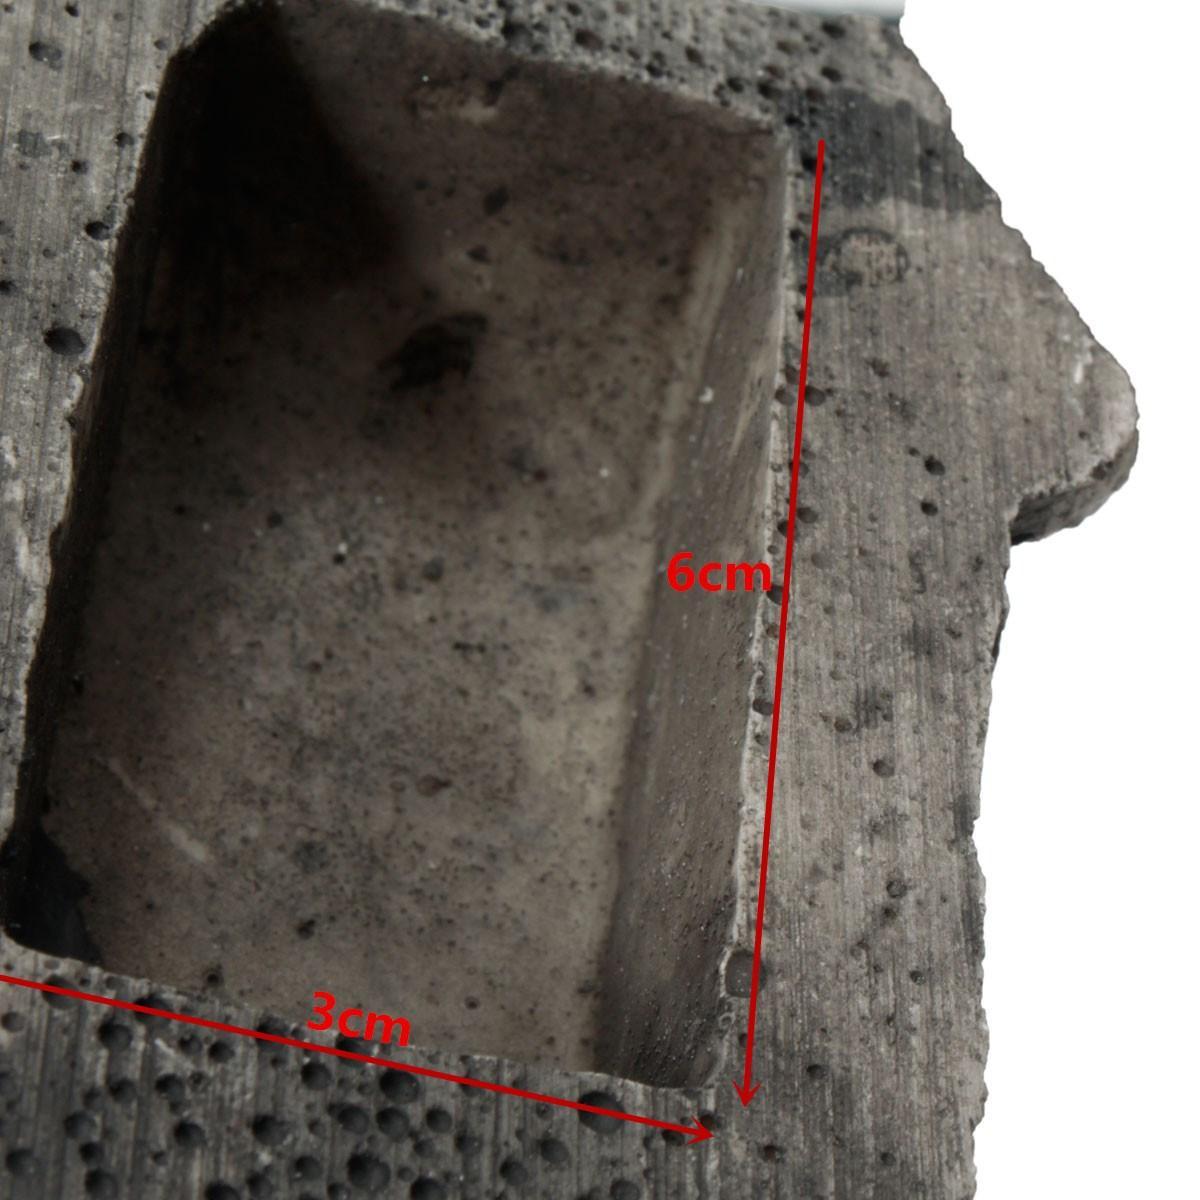 Key Box Rock Hide In Stone Cassaforte di sicurezza dell'organizzatore di immagazzinaggio Caso di portello di portello che nasconde l'ornamento esterno del giardino Supporto falso di roccia